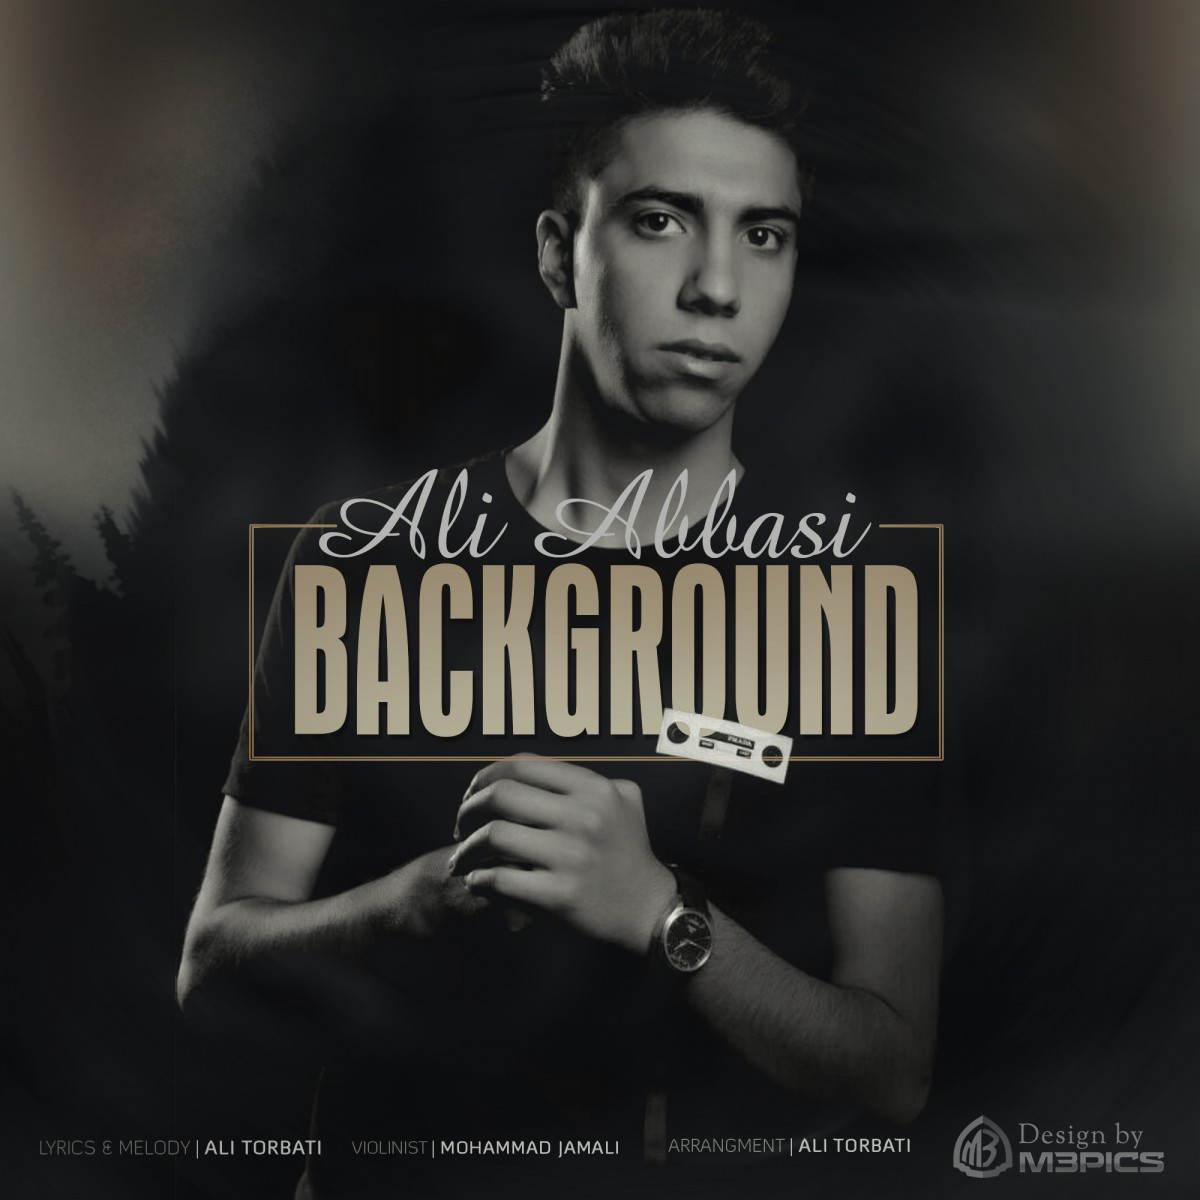 نامبر وان موزیک | دانلود آهنگ جدید Ali-Abbasi-Background